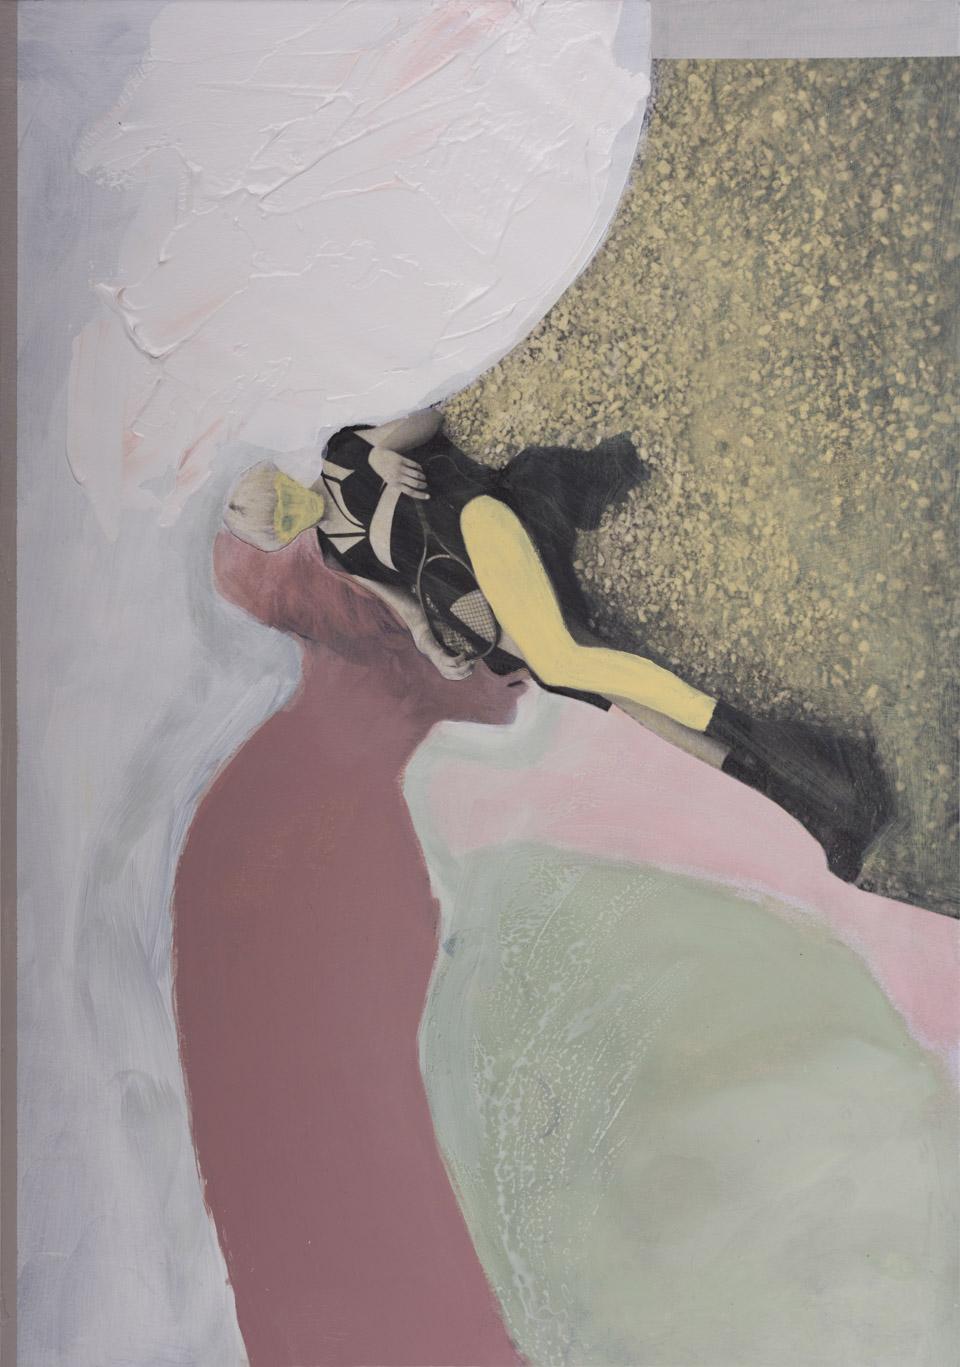 painted_woman7.jpg